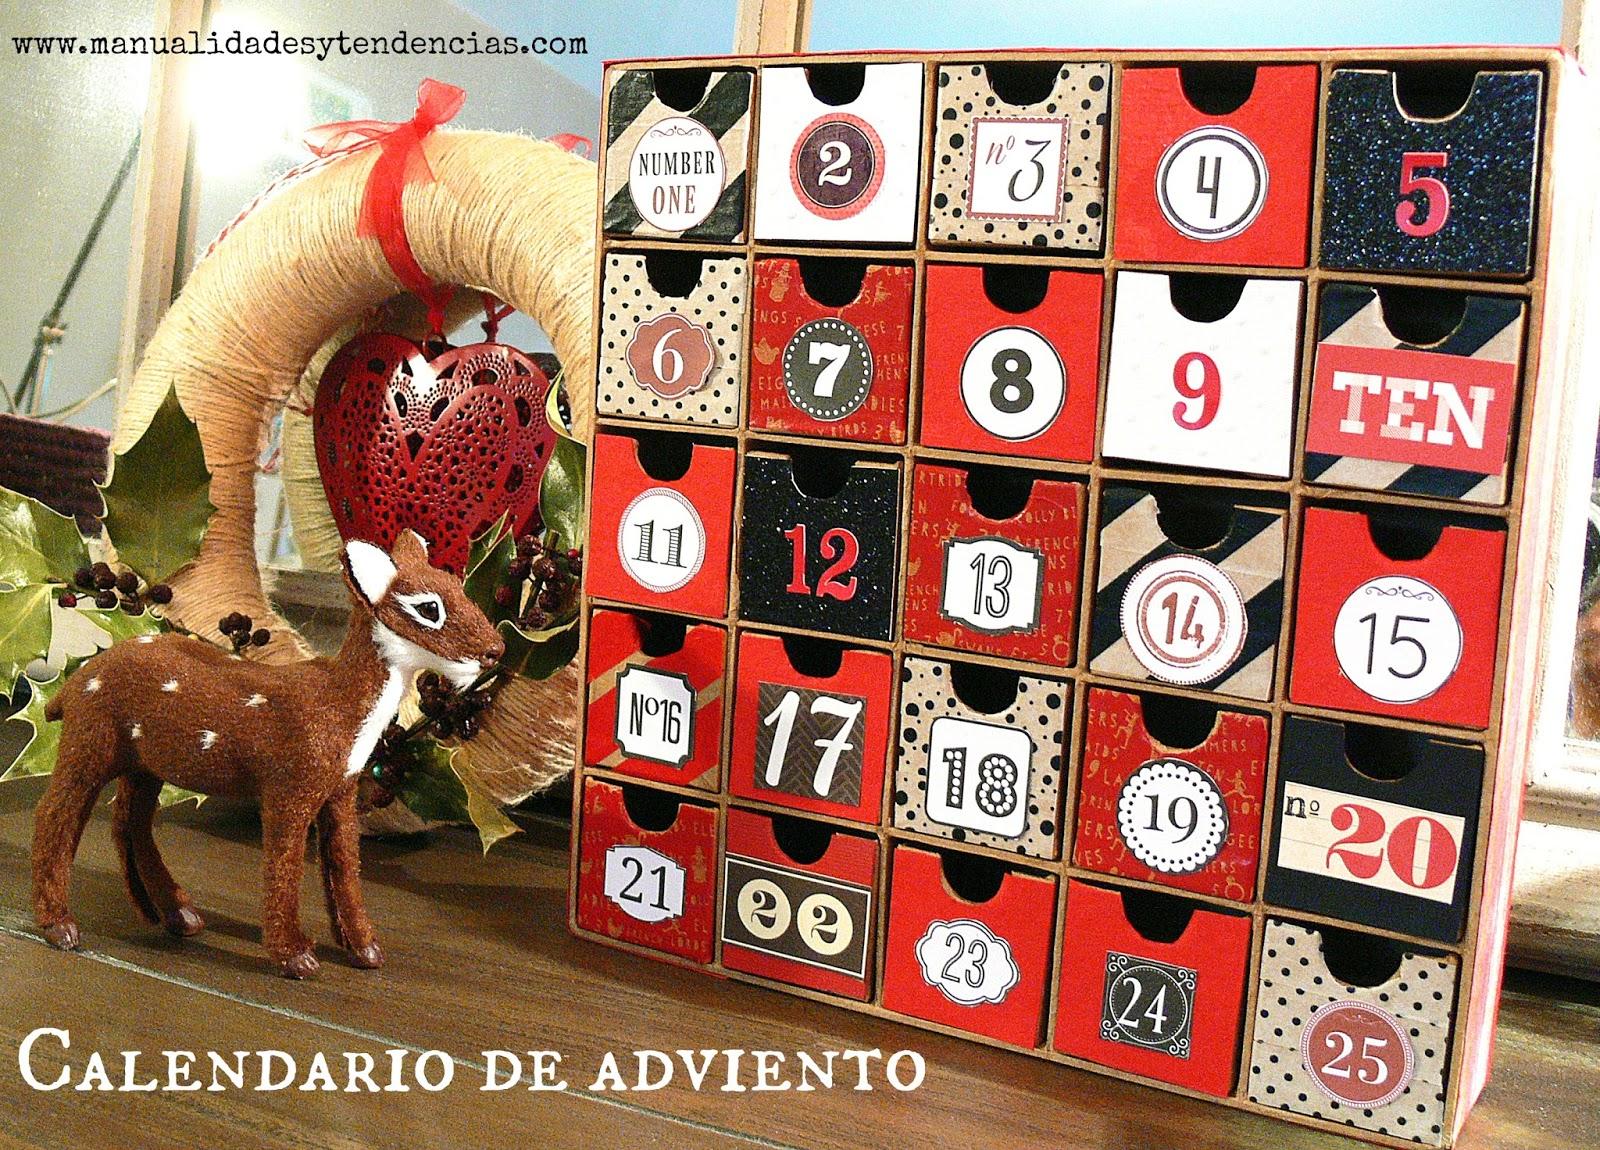 Manualidades Y Tendencias Calendario De Adviento De Papel Mache - Calendario-de-adviento